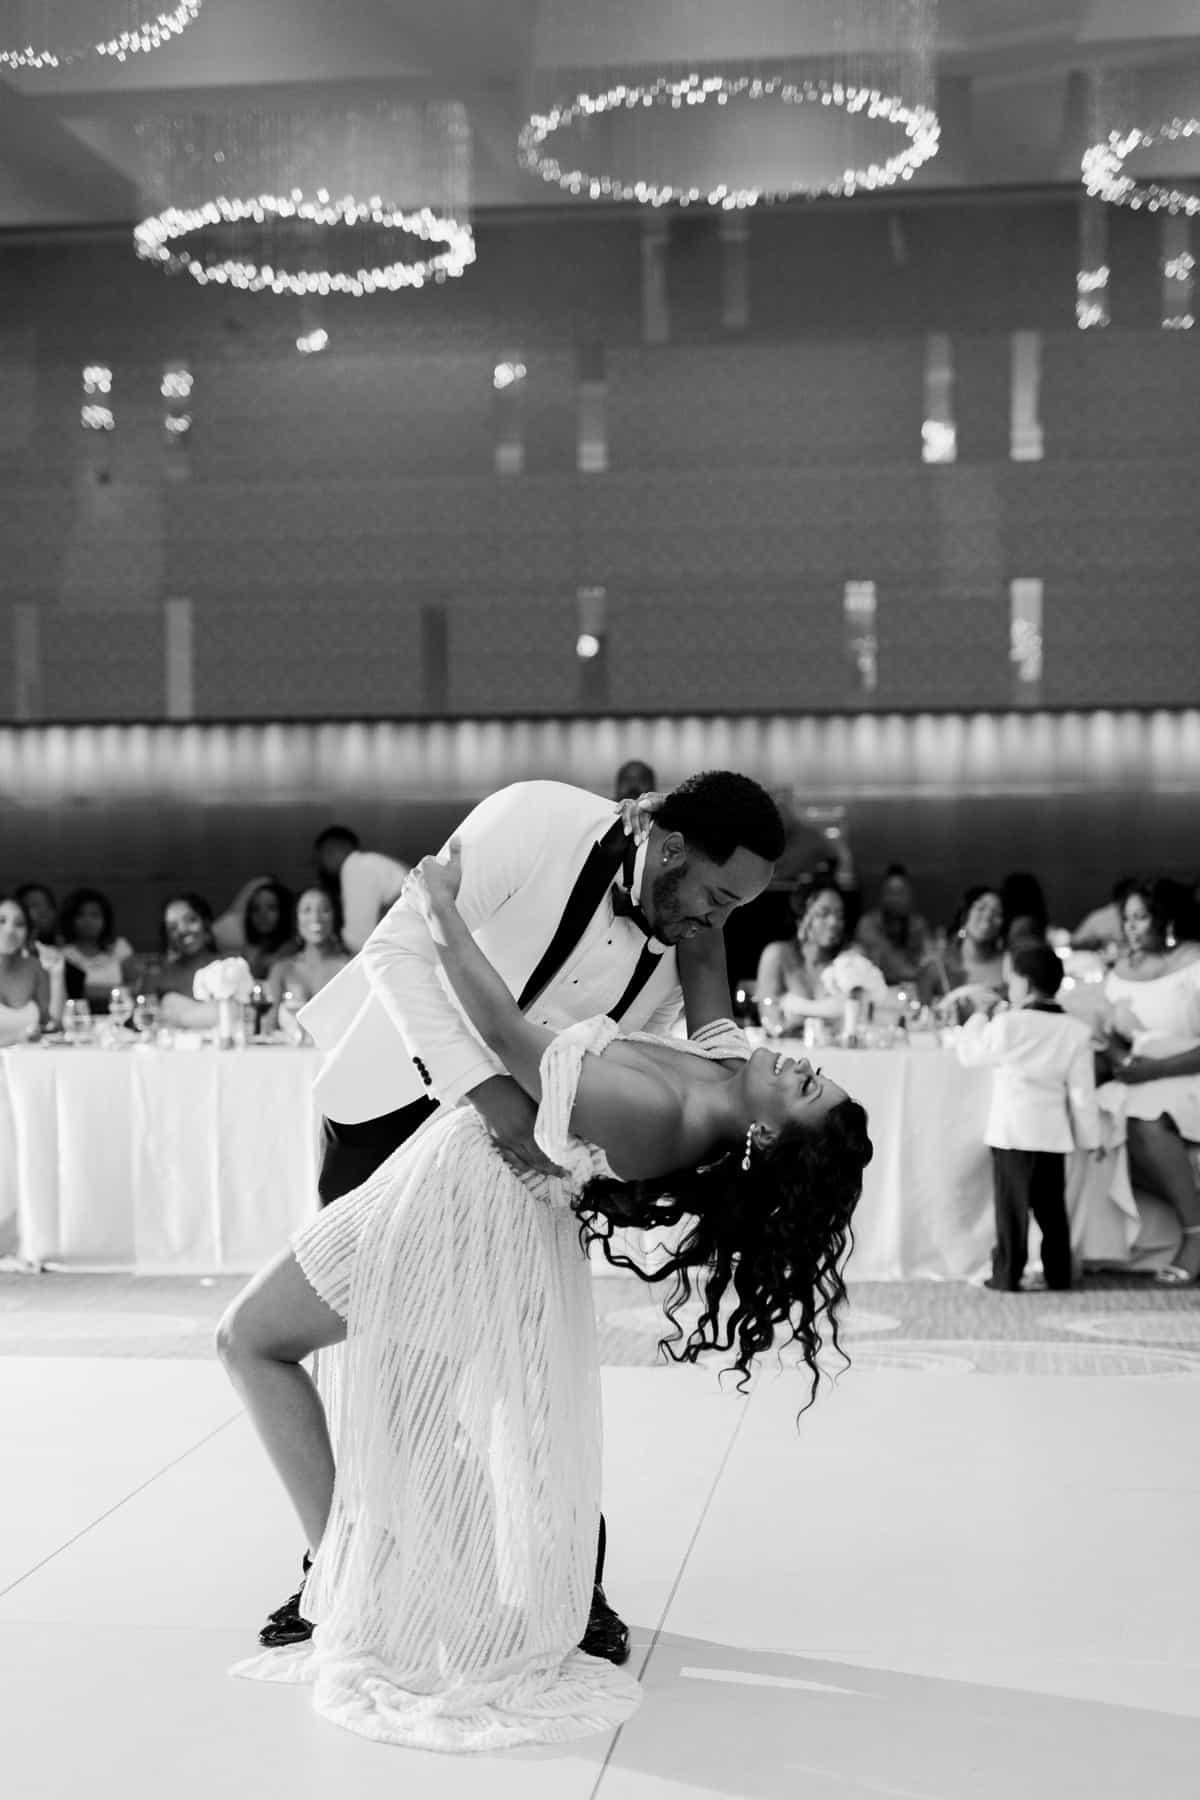 Four Seasons Hotel Wedding, Wedding Reception, Bride and Groom First Dance